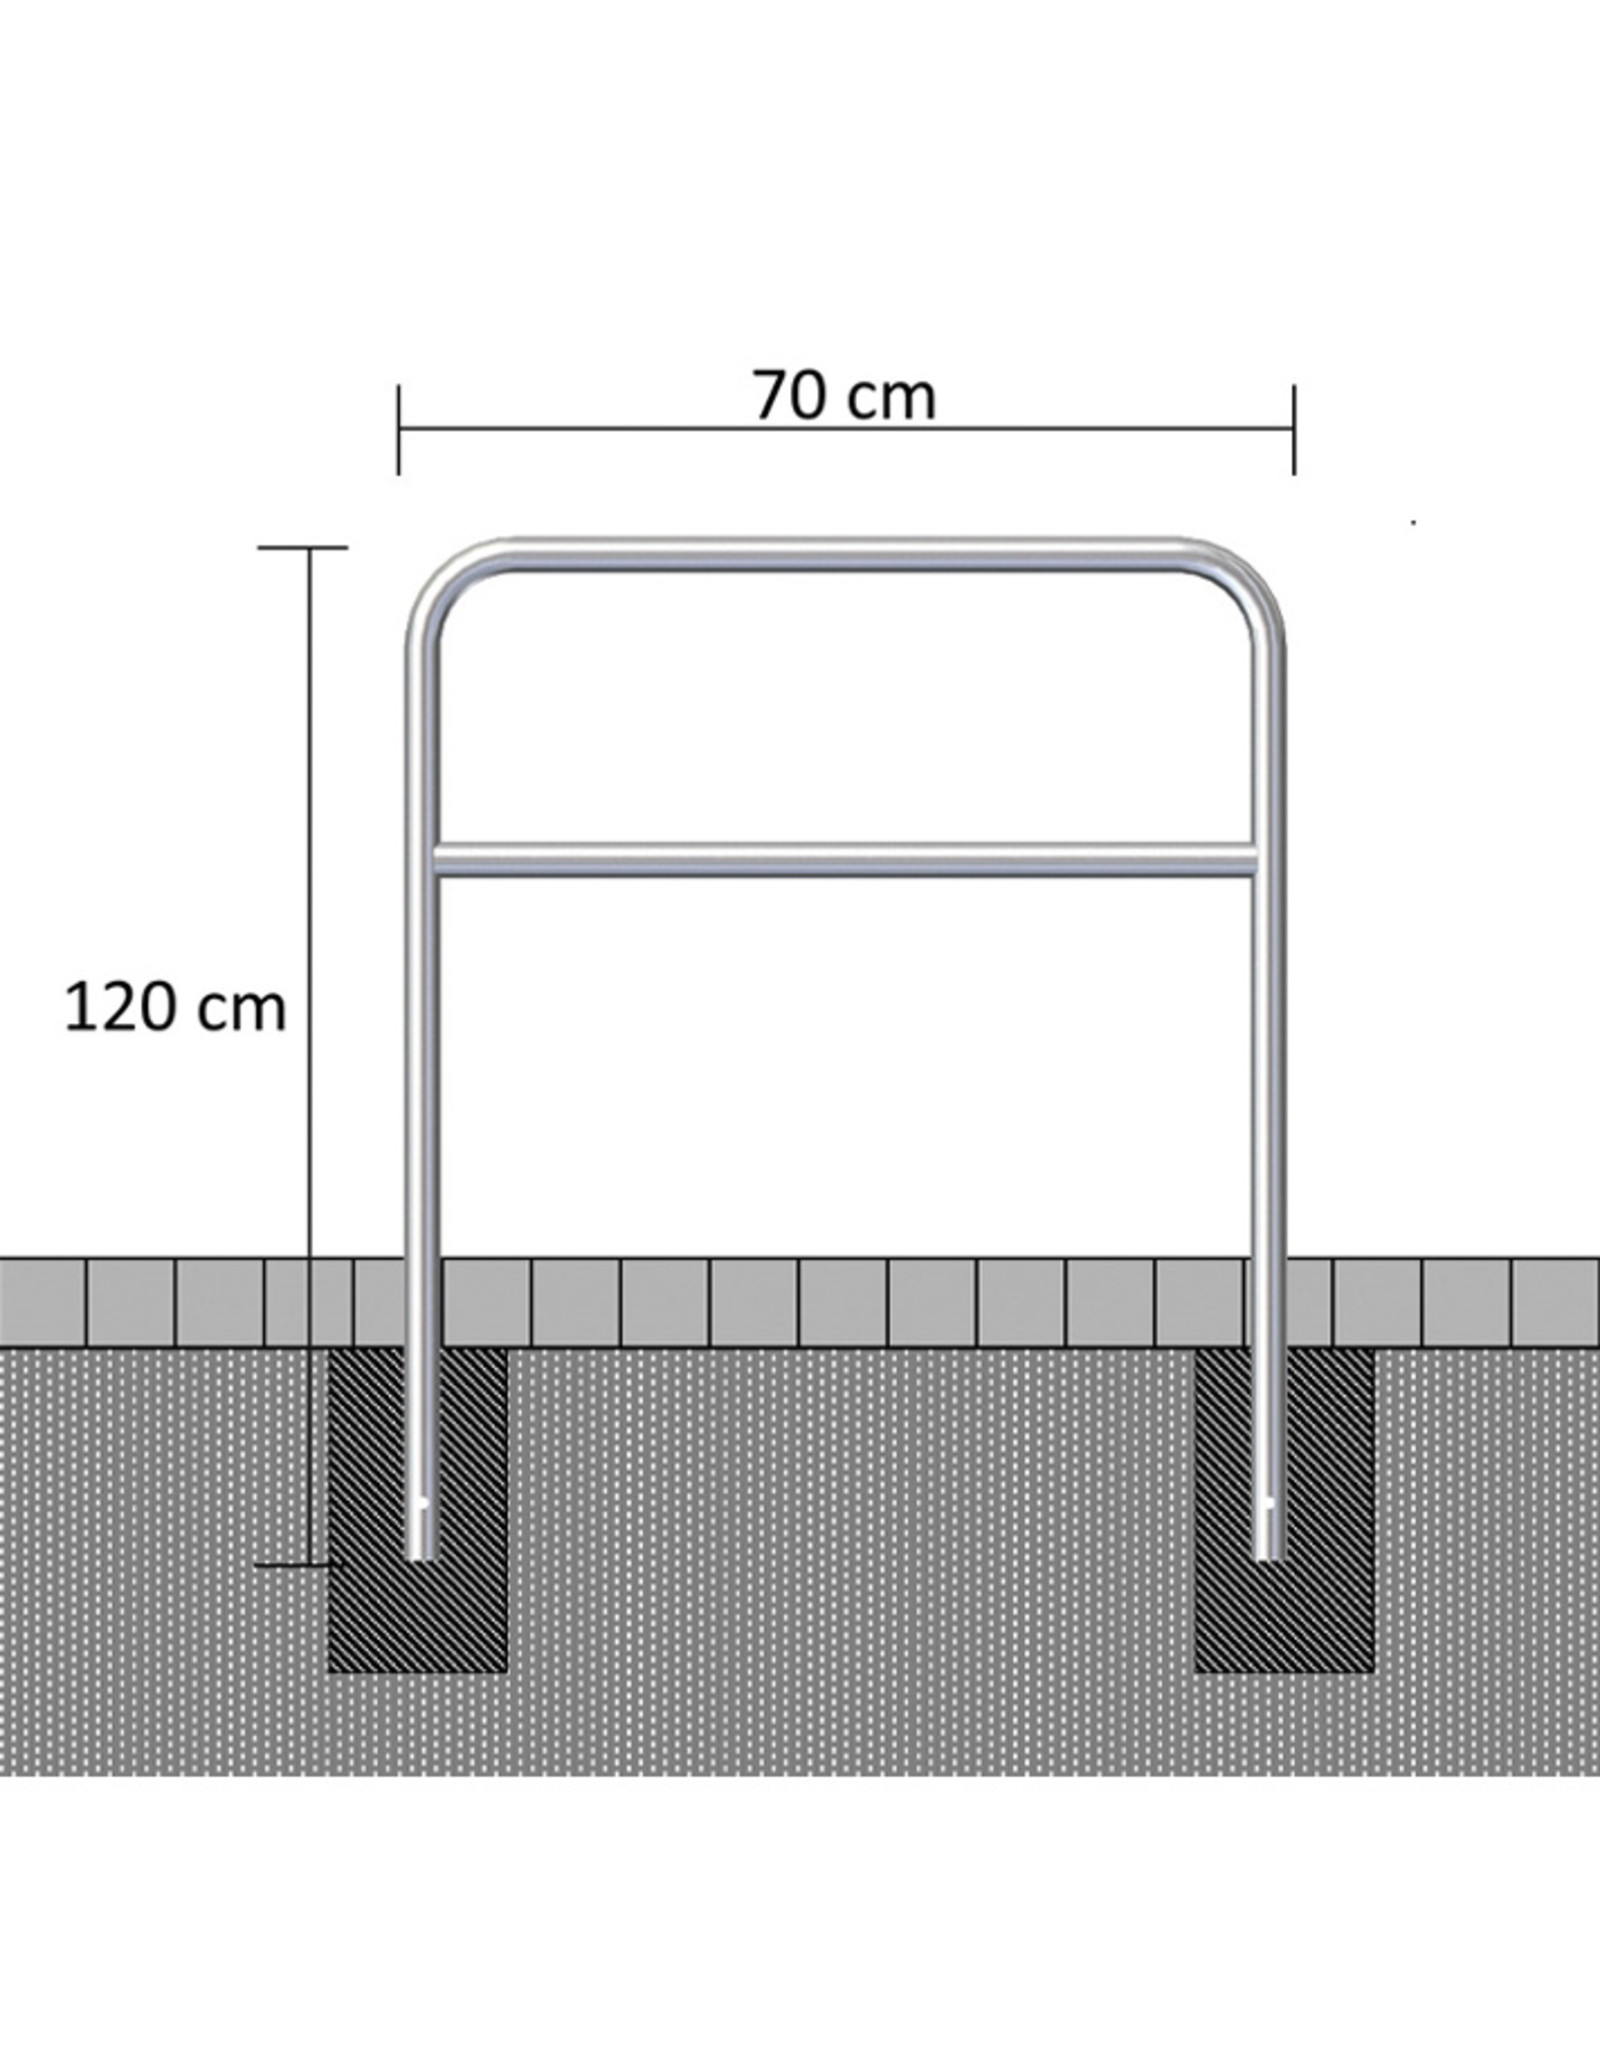 Ri-Traffic | Sluishekken Staal Gegalvaniseerd 70 cm x 120 cm